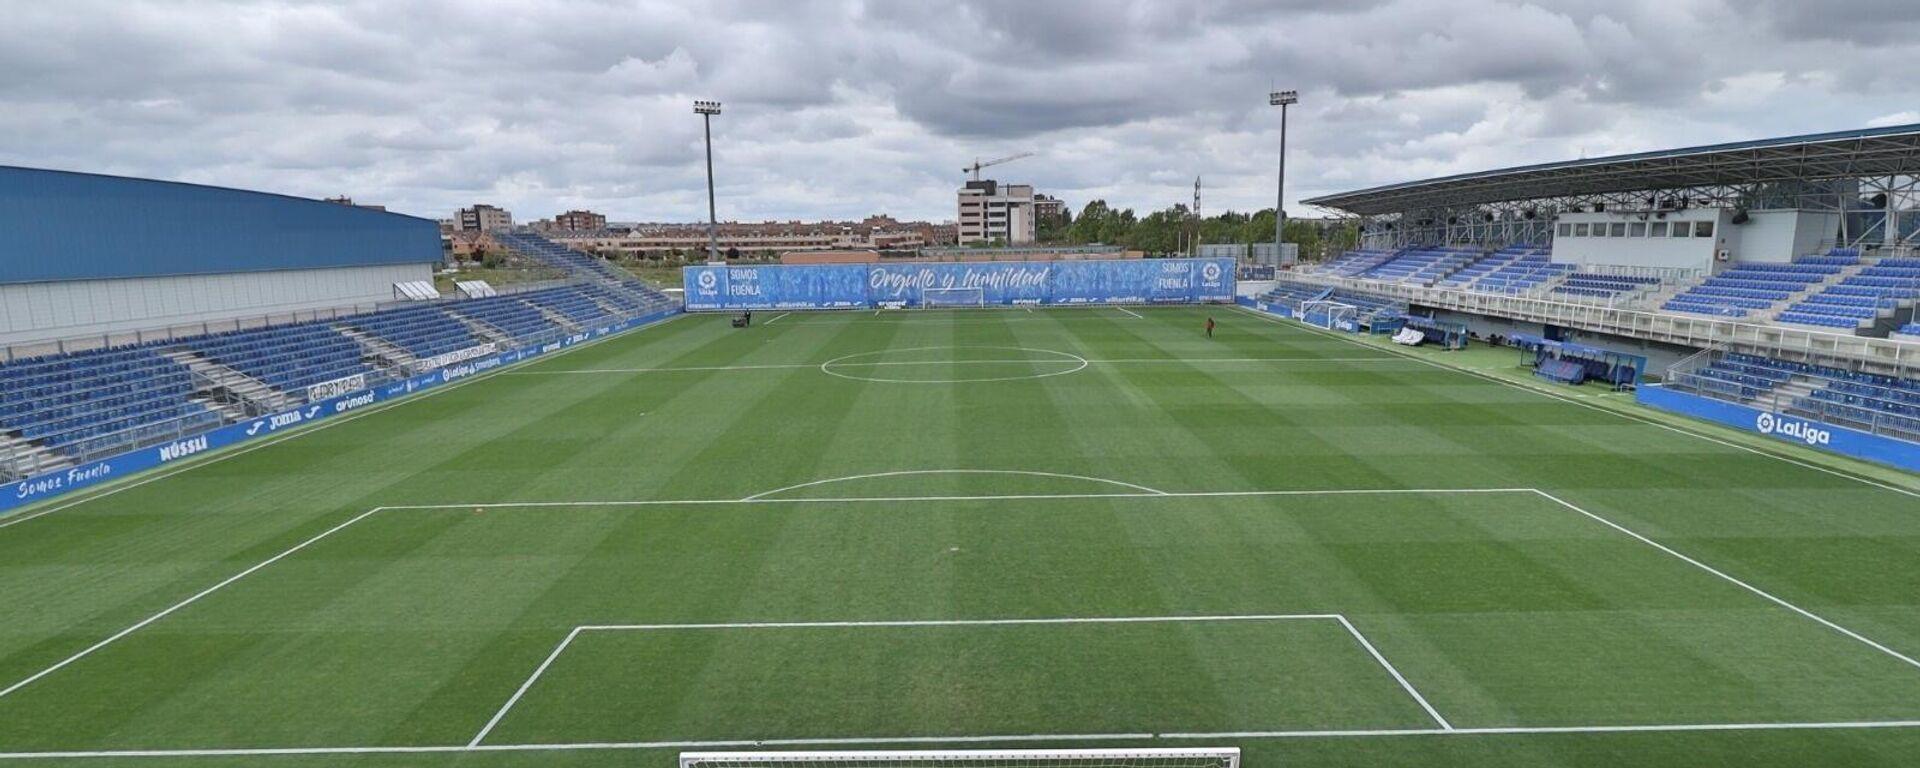 Un estadio municipal en la ciudad de Fuenlabrada, Comunidad de Madrid - Sputnik Mundo, 1920, 29.09.2021